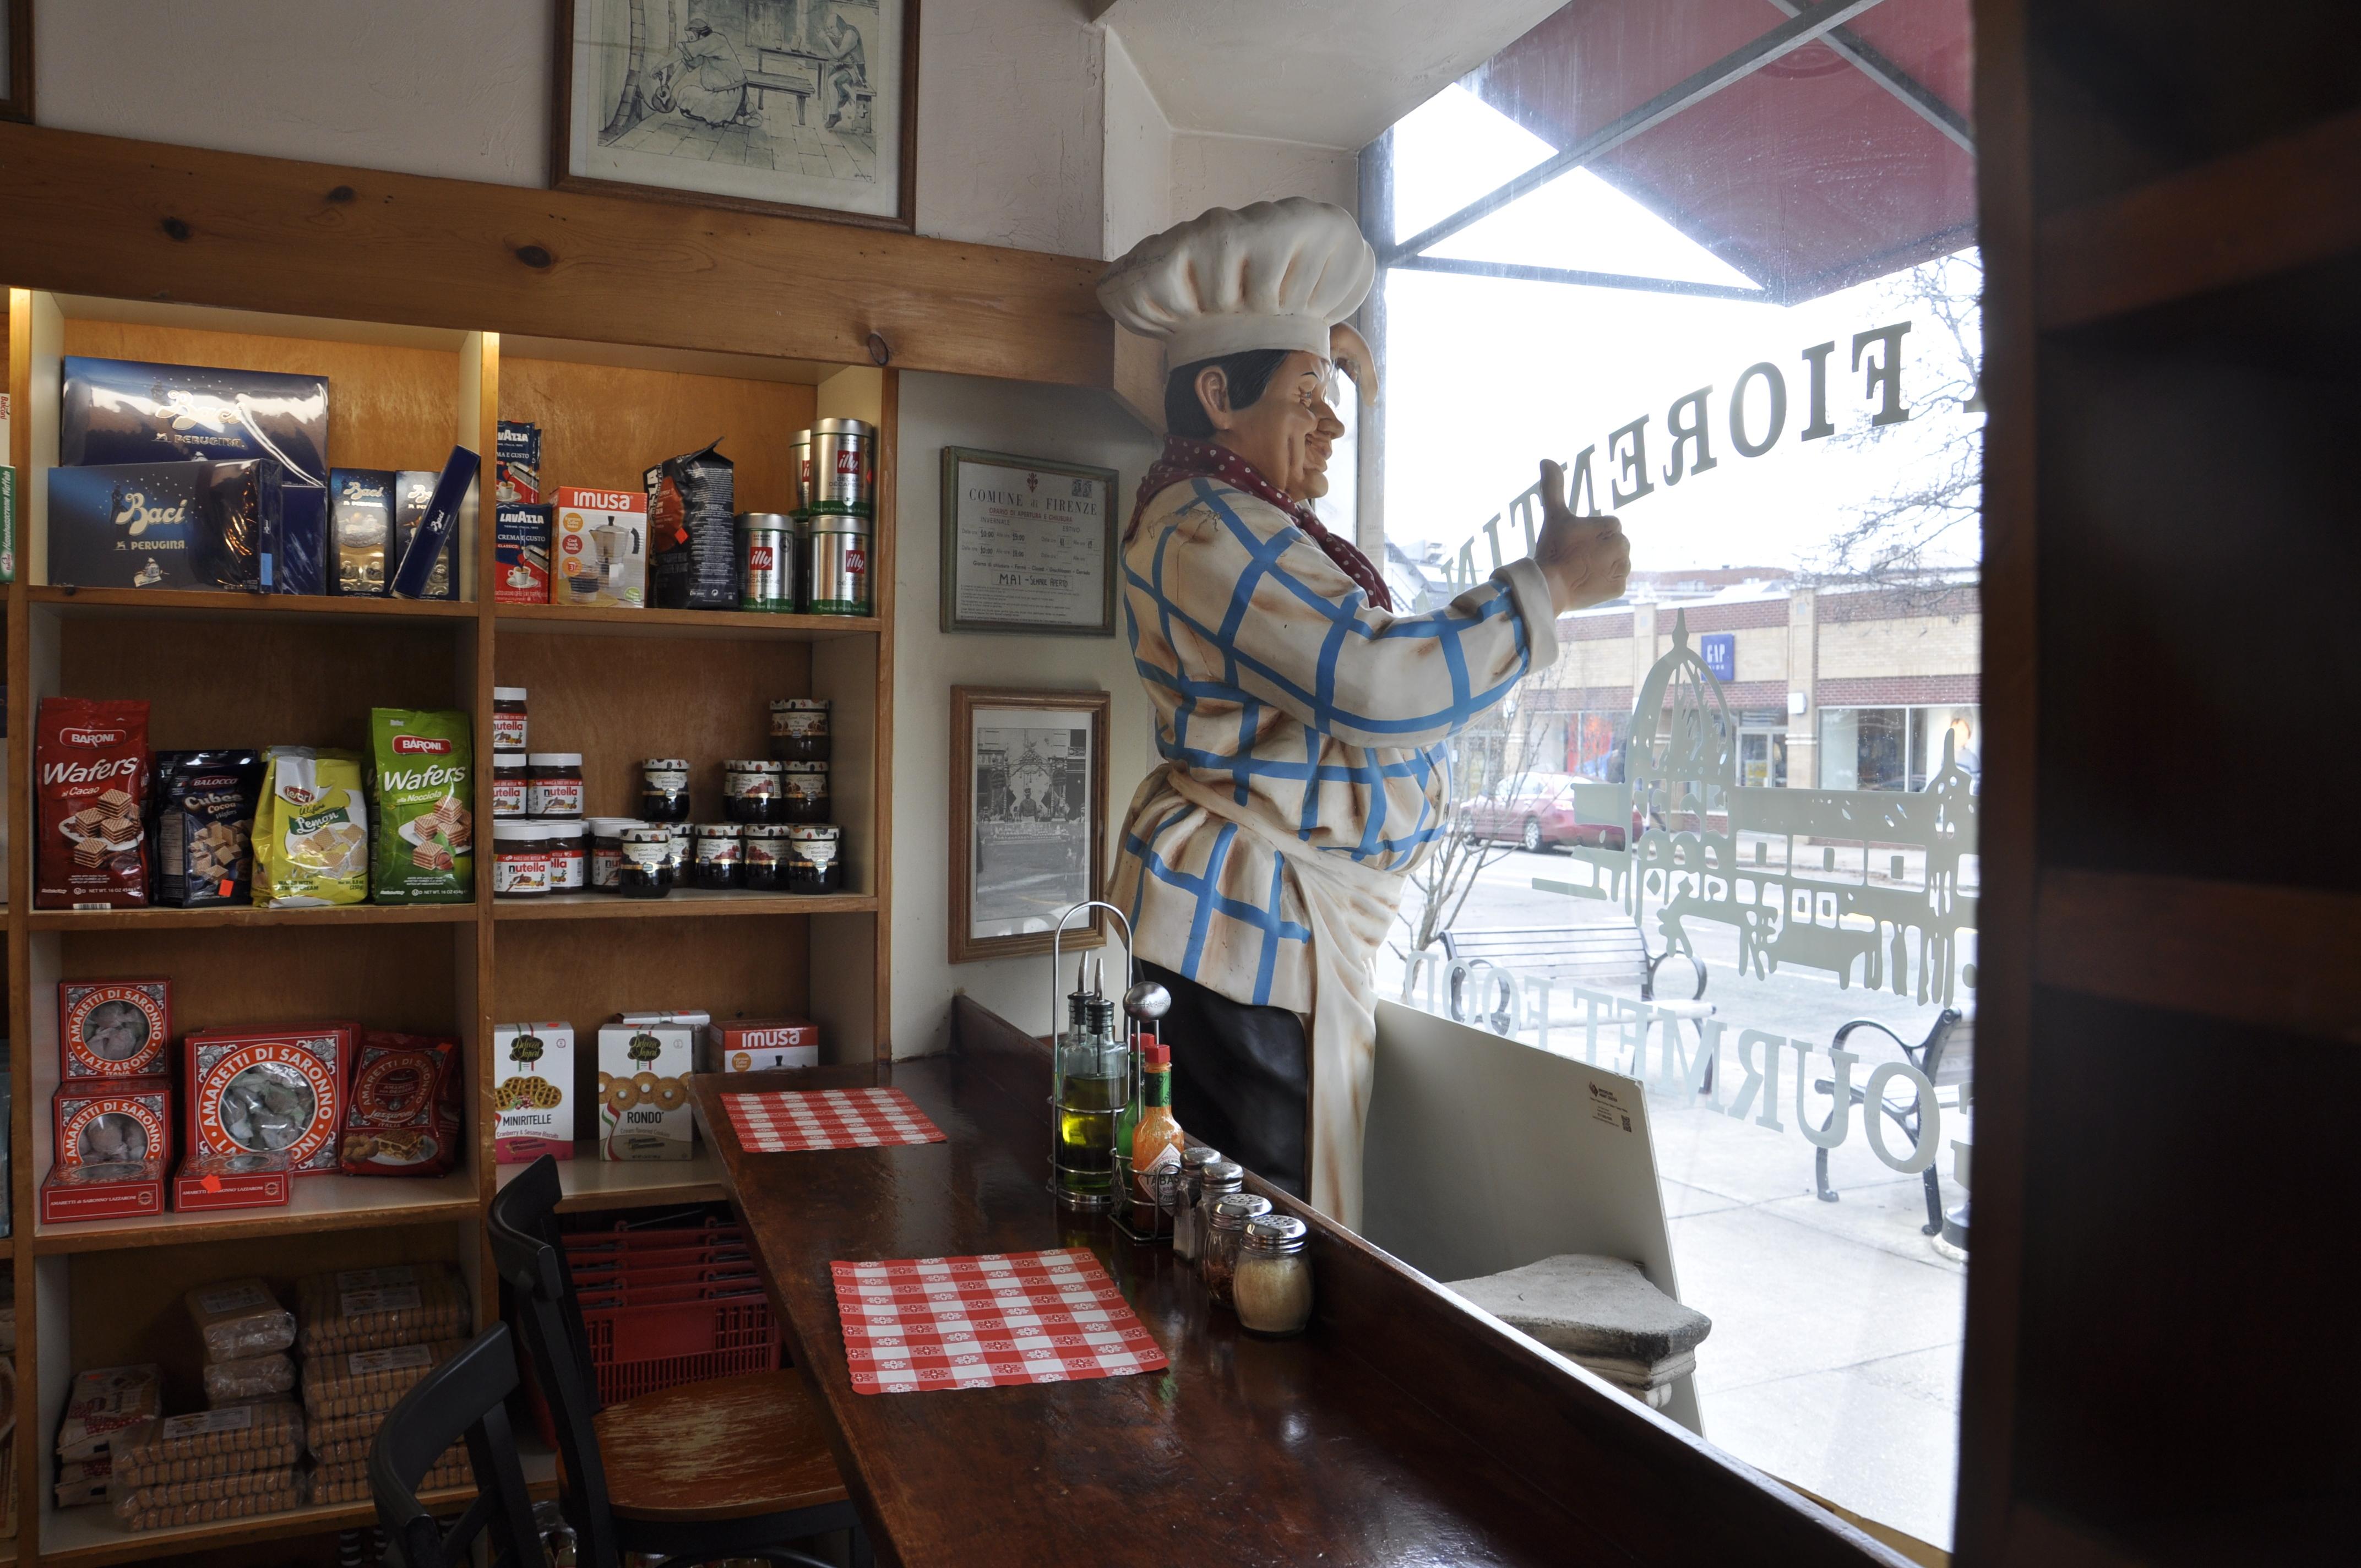 Inside Bottega Fiorentina in Brookline's Coolidge Corner